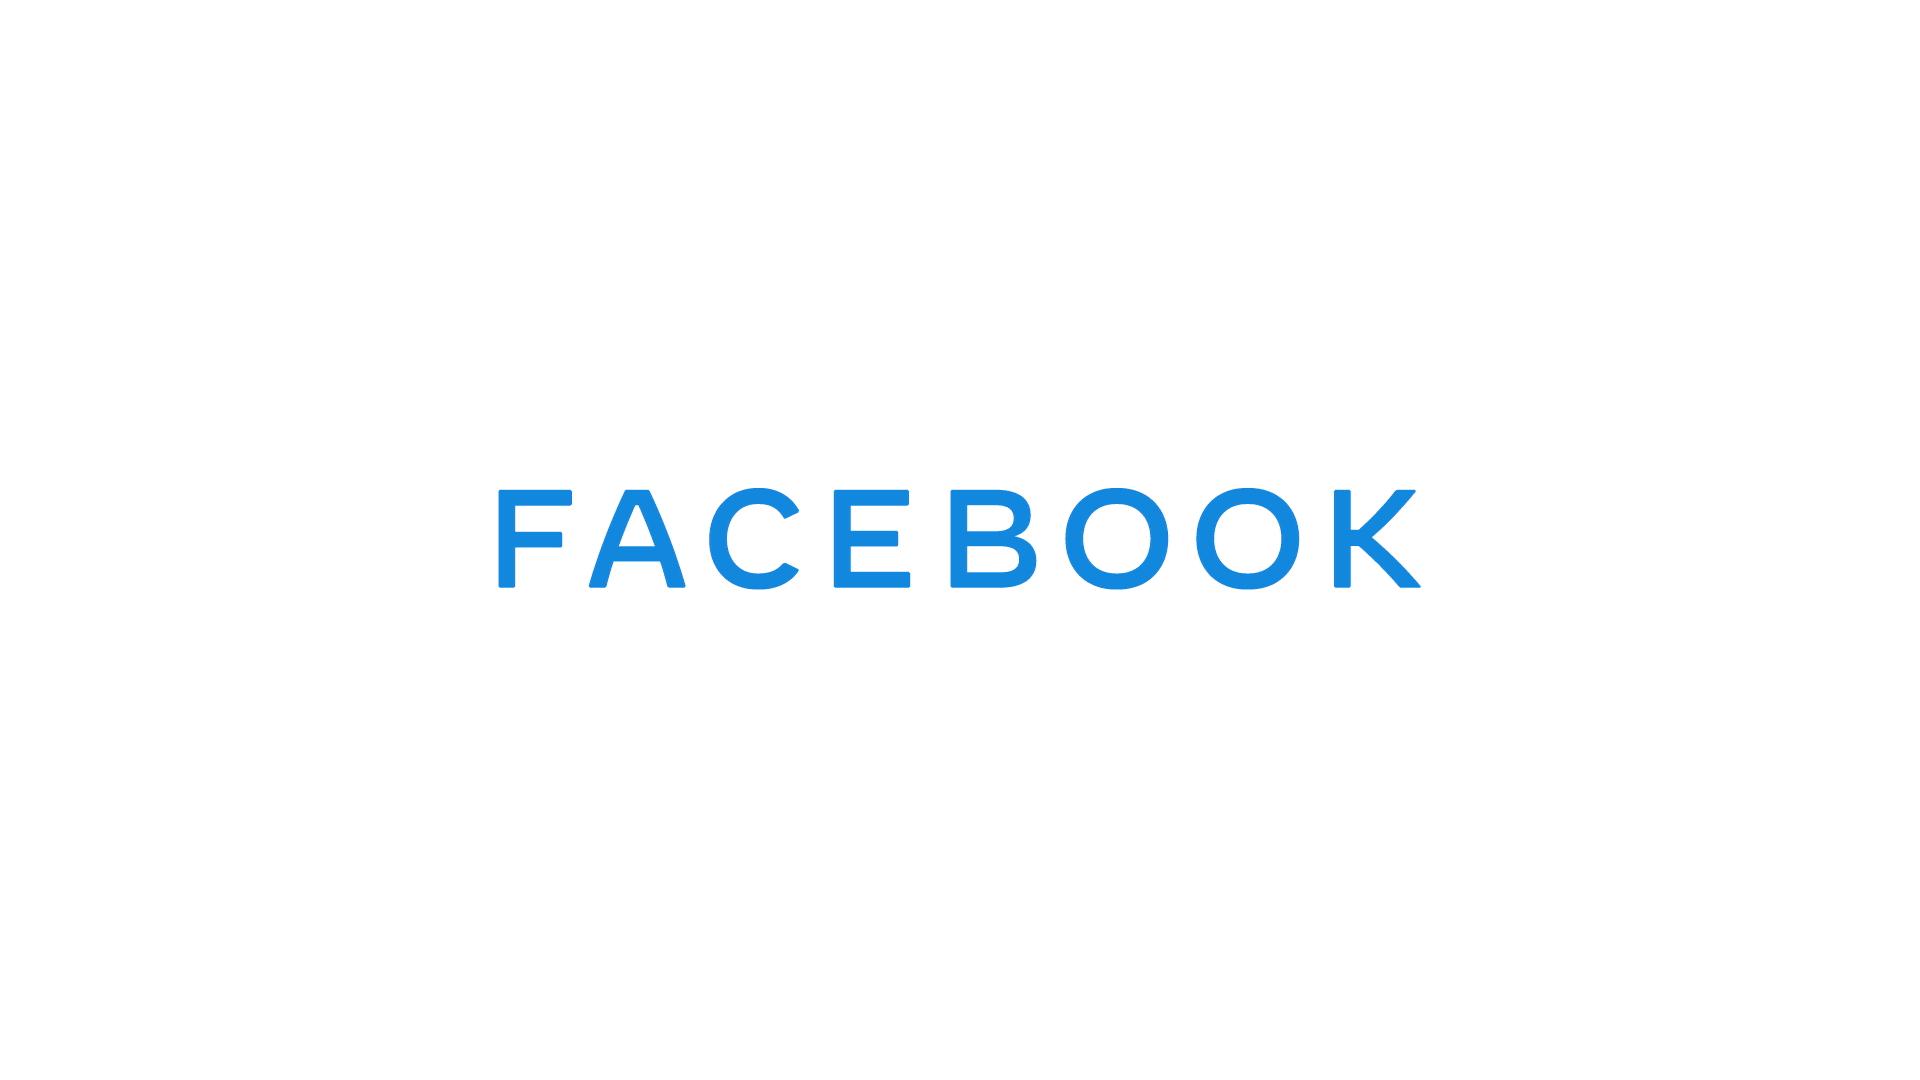 Facebook dévoile son nouveau logo